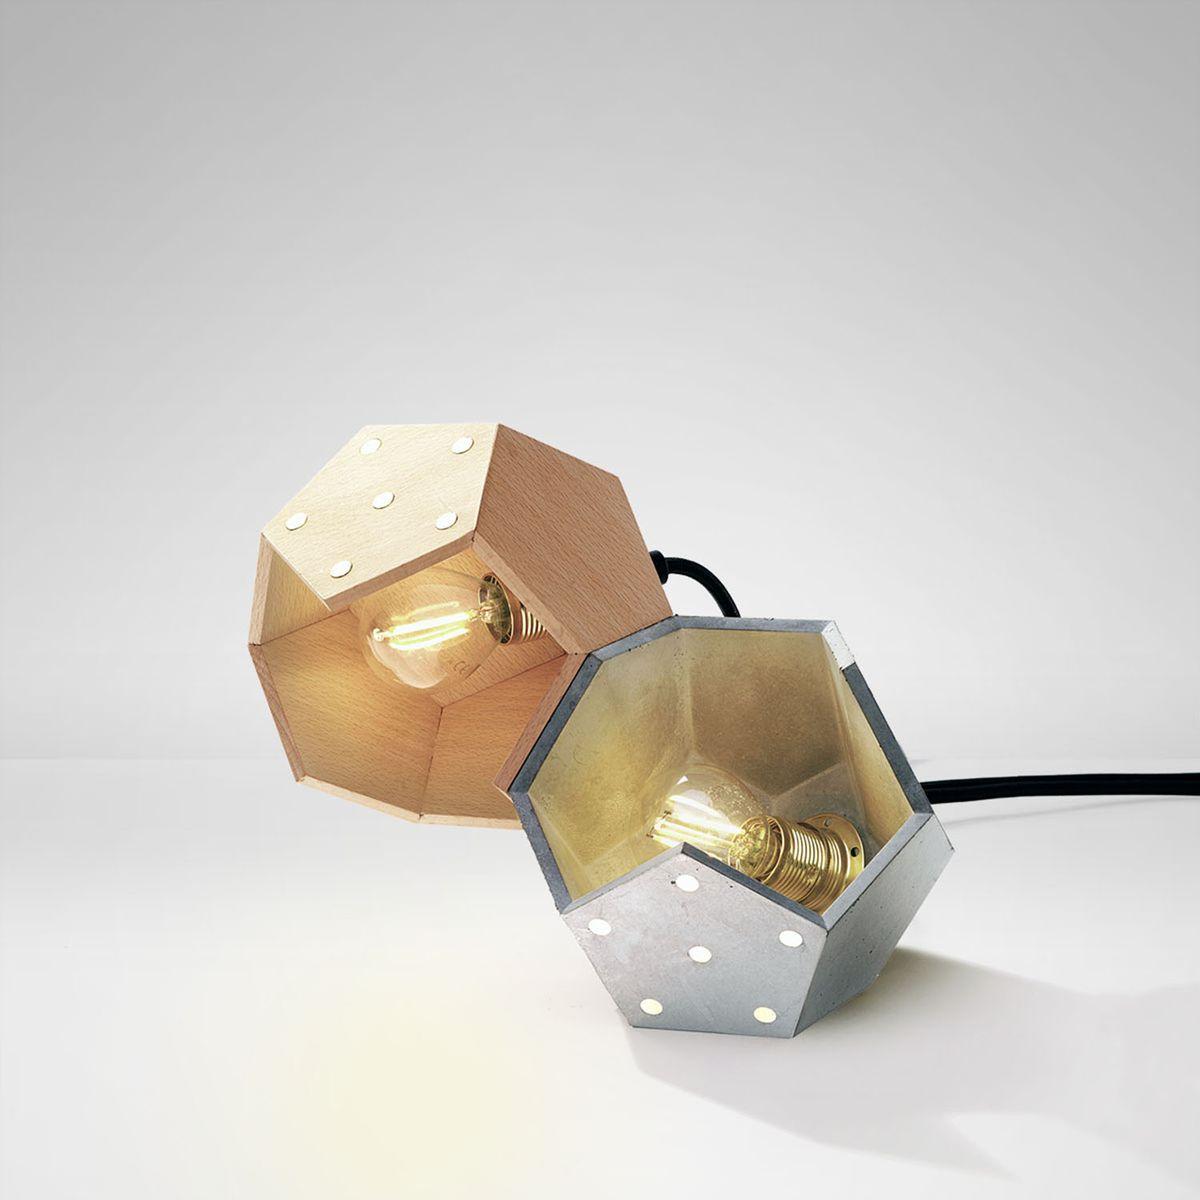 Basic TWELVE Duo Tischlampe aus Beton & Holz von Plato Design